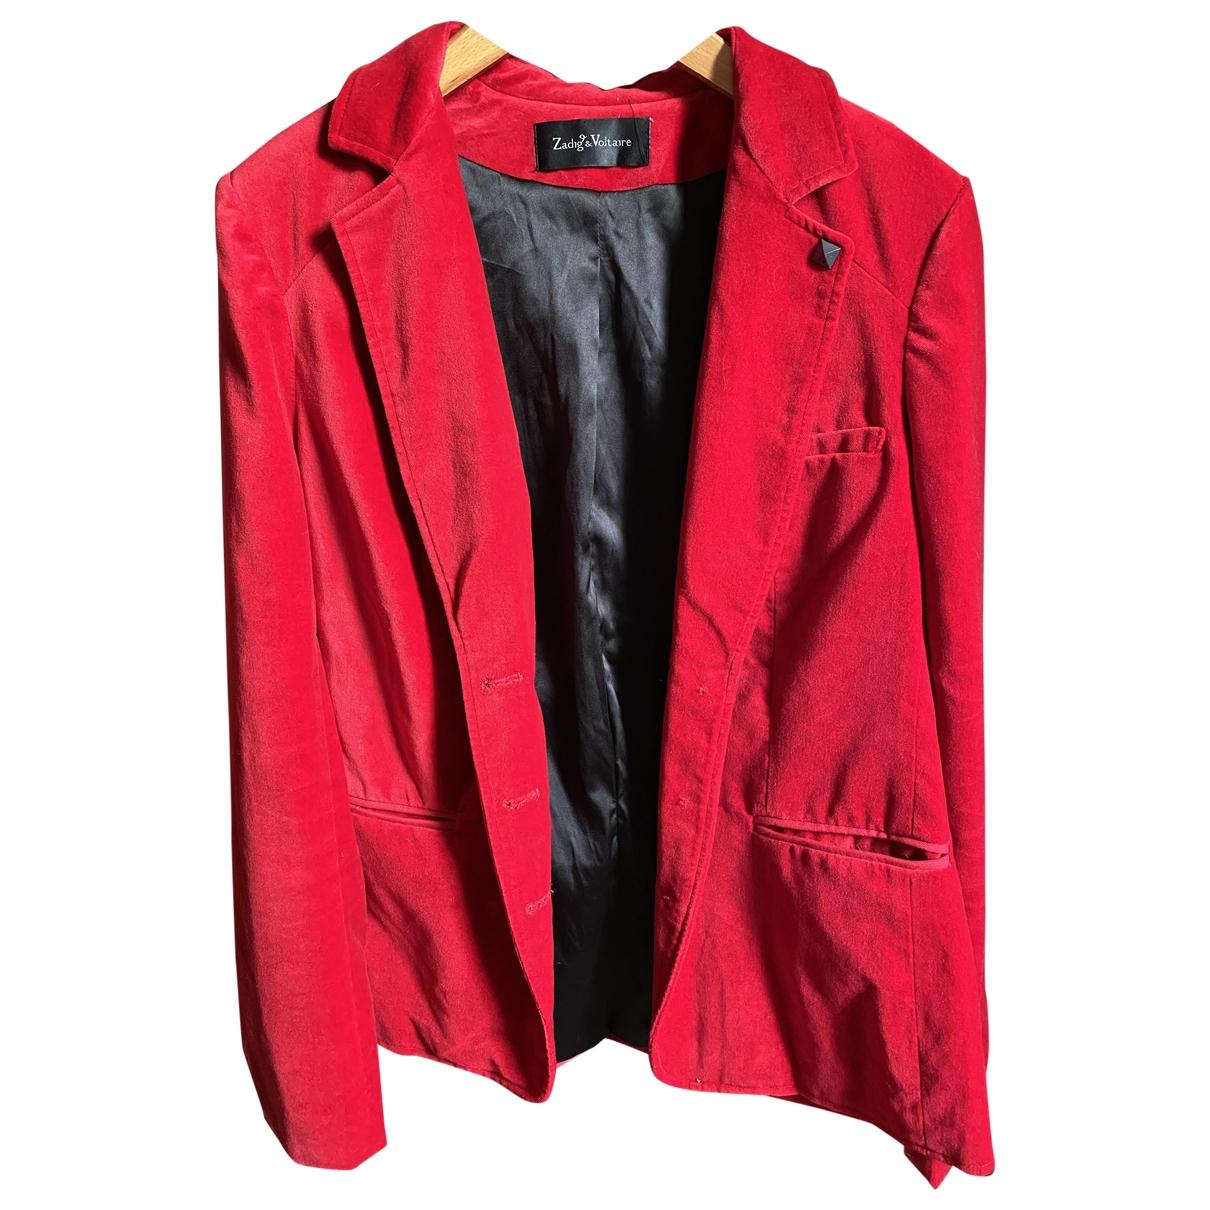 Zadig & Voltaire \N Red Velvet jacket for Women M International